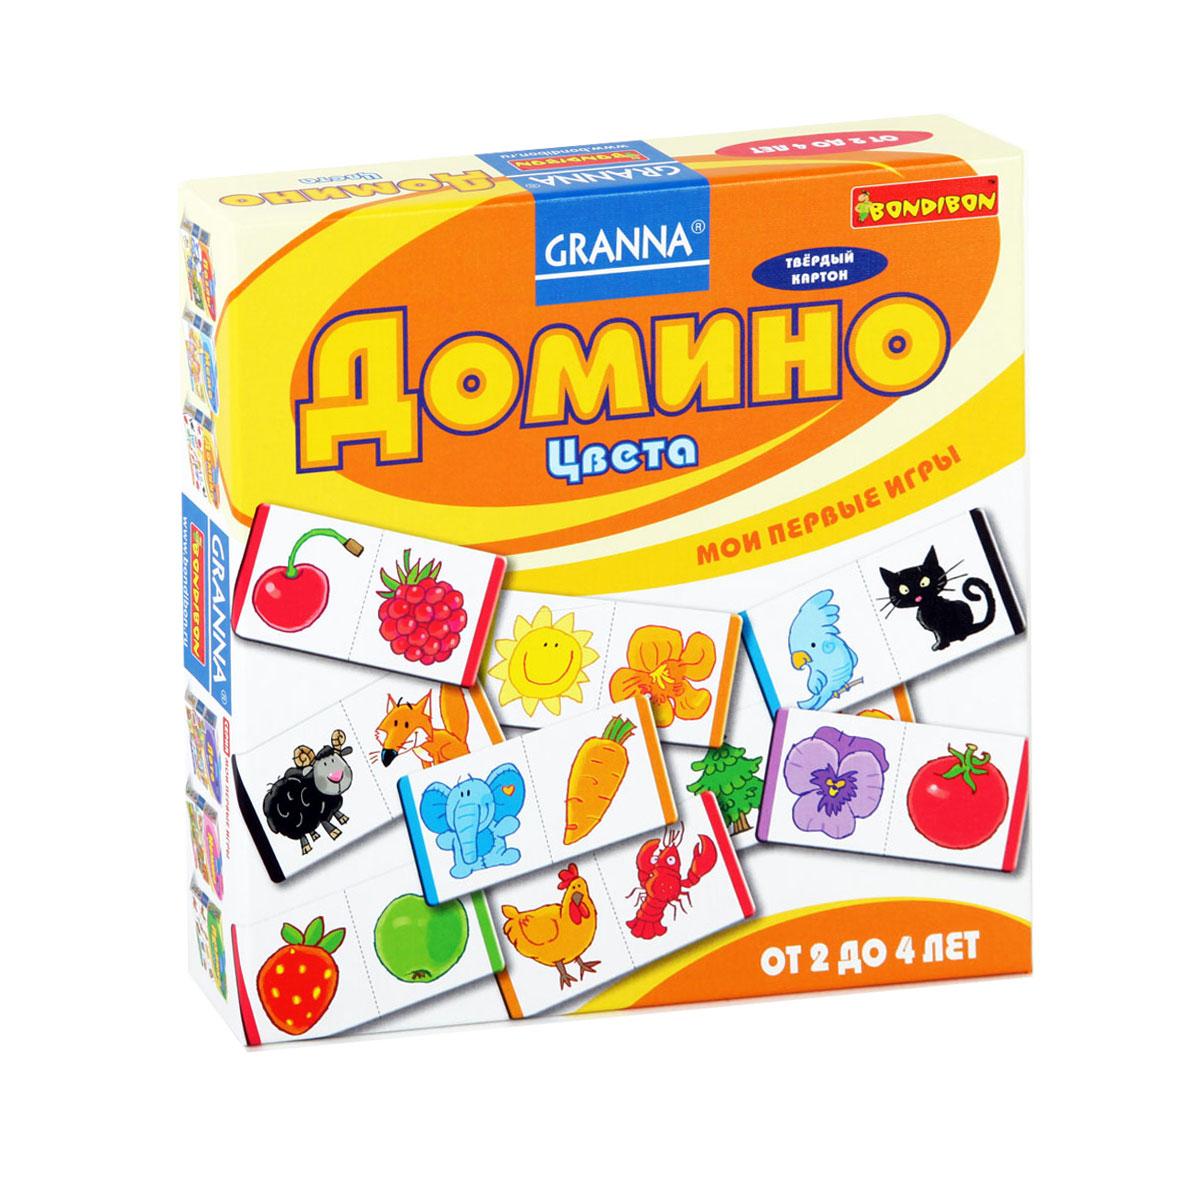 Домино Bondibon ЦветаВВ1000Домино Bondibon Цвета - это классическая дидактическая игра для малышей на узнавание предметов и цветов. Предлагаем несколько вариантов игры с домино: Разноцветная змейка. Попробуй выложить разноцветную змейку. Выбери любую карточку-домино. Положи рядом с ней еще одну карточку с рисунком такого же цвета. А к ним еще одну и так продолжай. Постарайся использовать как можно больше карточек для постройки, и получатся длинные волшебные желтые, красные или фиолетовые змейки. В эту игру ребенок может играть самостоятельно. Классический способ игры в домино для нескольких участников, но здесь имеет значение не рисунок на карточке, а его цвет. Выигрывает тот игрок, который первым выложит все свои карточки. В комплект игры входят 27 карточек домино и правила игры на русском языке. Игра развивает внимание, зрительное восприятие, комбинаторные и логические способности, учит находить одинаковые картинки и соединять их в цепочки. Характеристики: ...